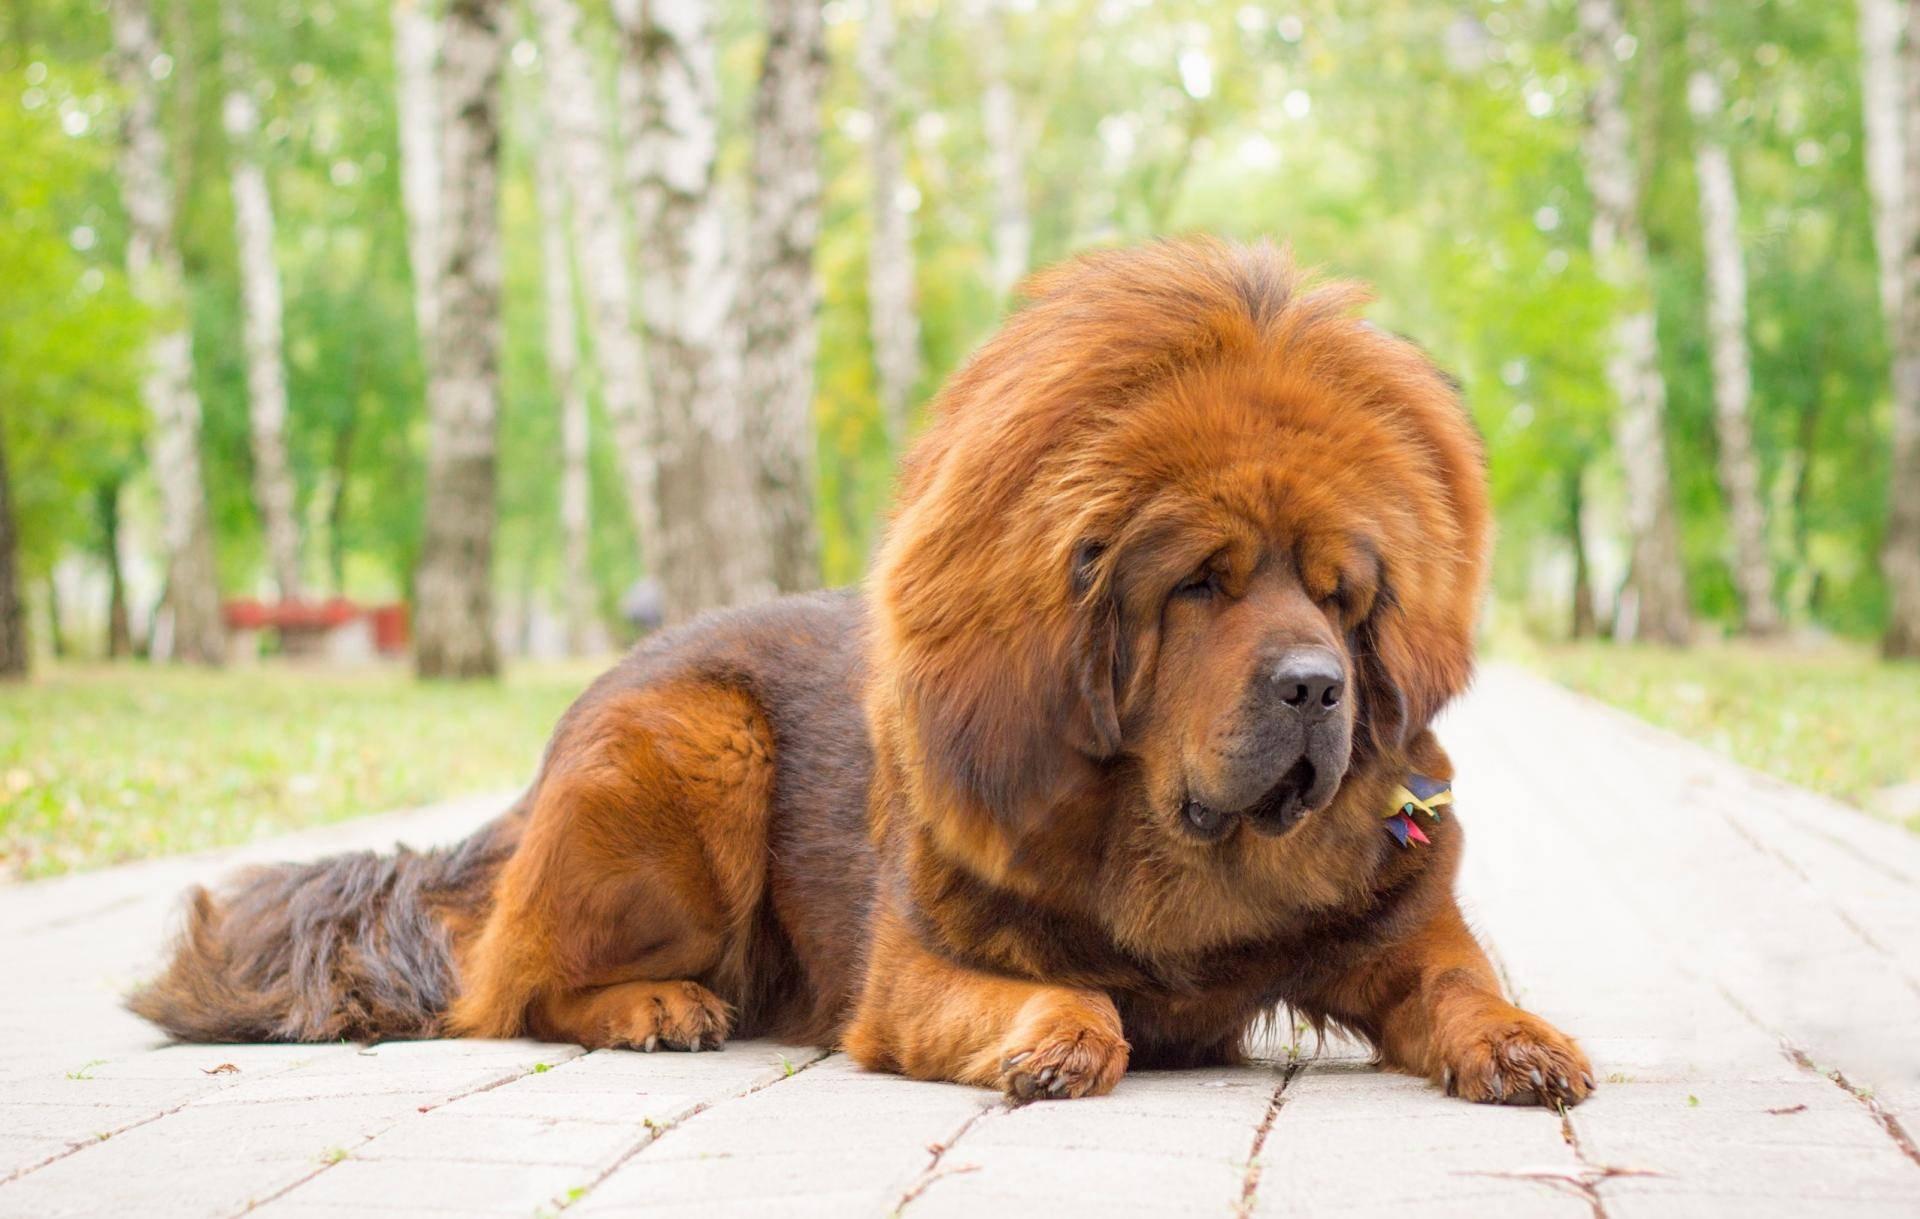 Самые добрые породы собак (38 фото): топ самых дружелюбных, добродушных и ласковых псов в мире, список пород с названиями